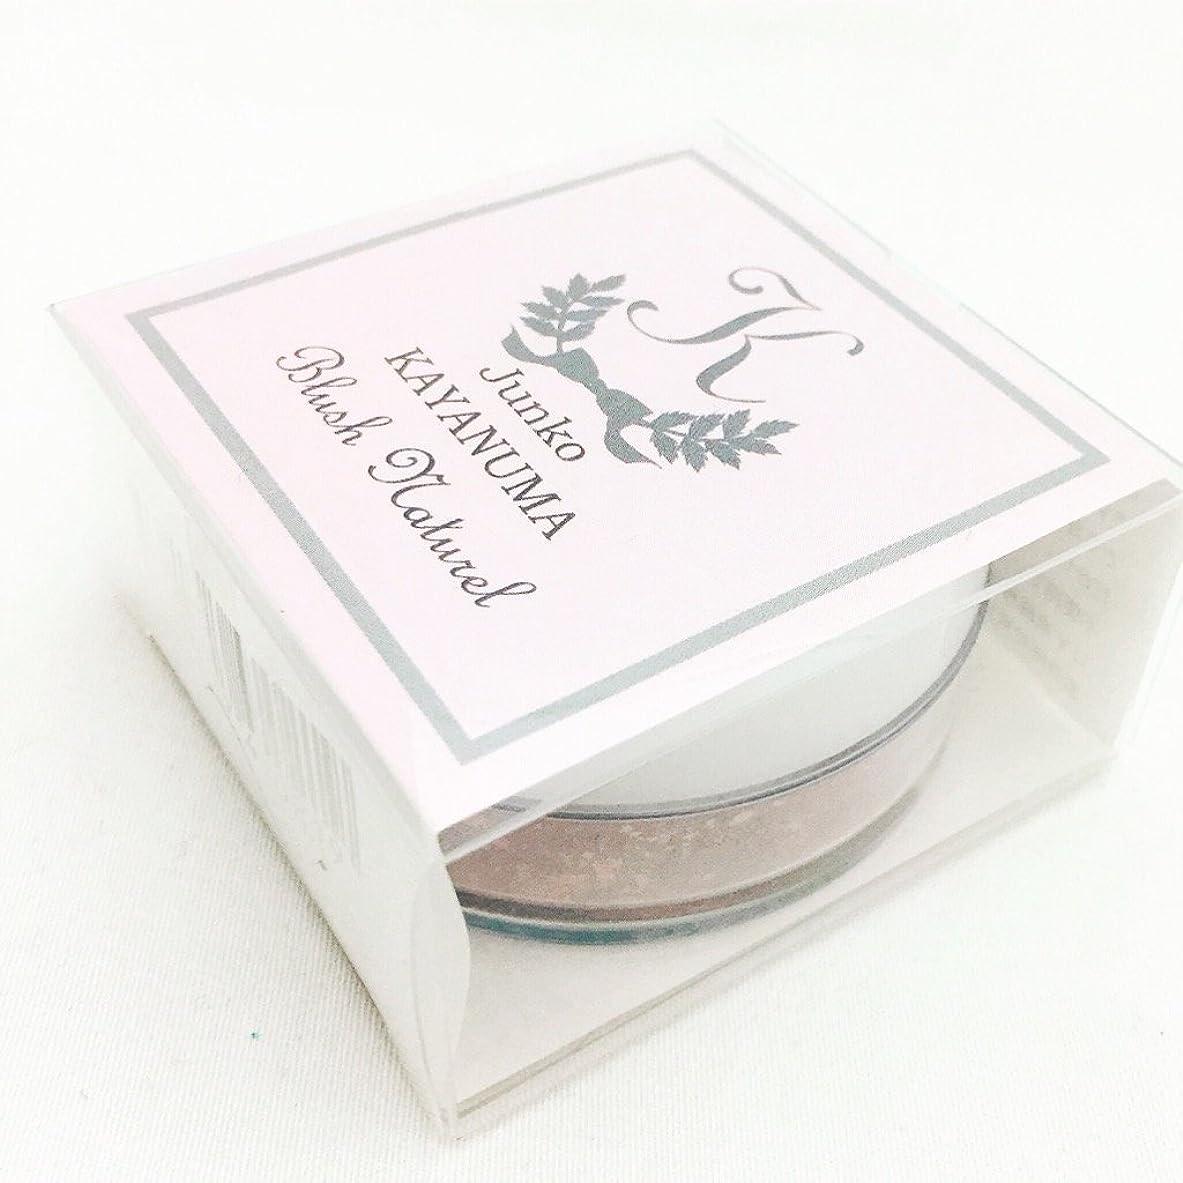 チーフパシフィック準拠カドゥー 茅沼順子薬局 Junko KAYANUMA(ジュンコカヤヌマ) ブラッシュ ナチュレル 3.5g(チーク) ピンク 無添加